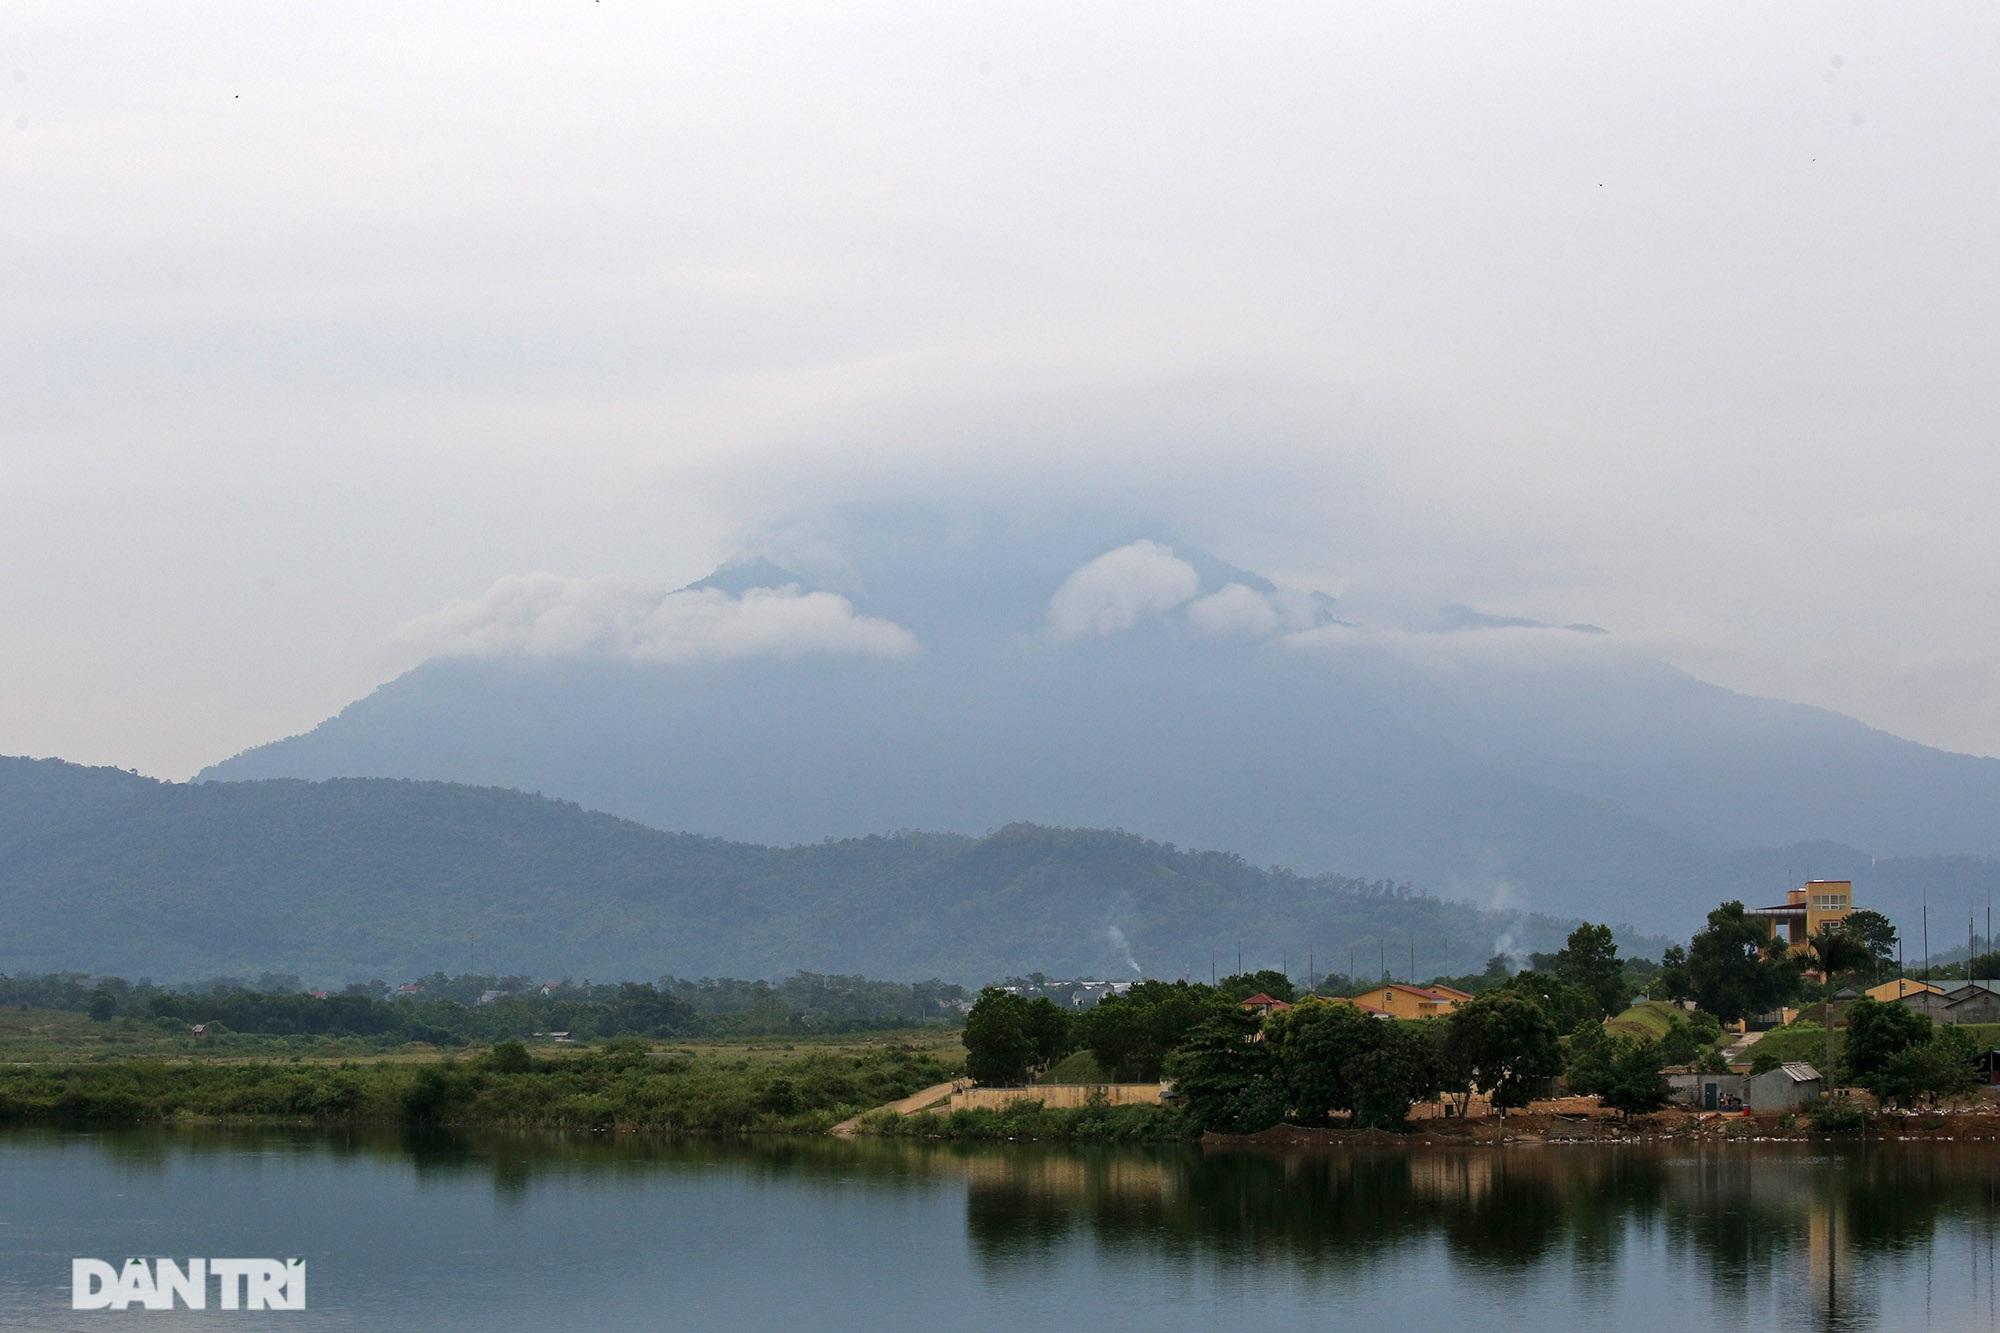 Phong cảnh đặc trưng của vùng đất xứ Đoài mây trắng - 4